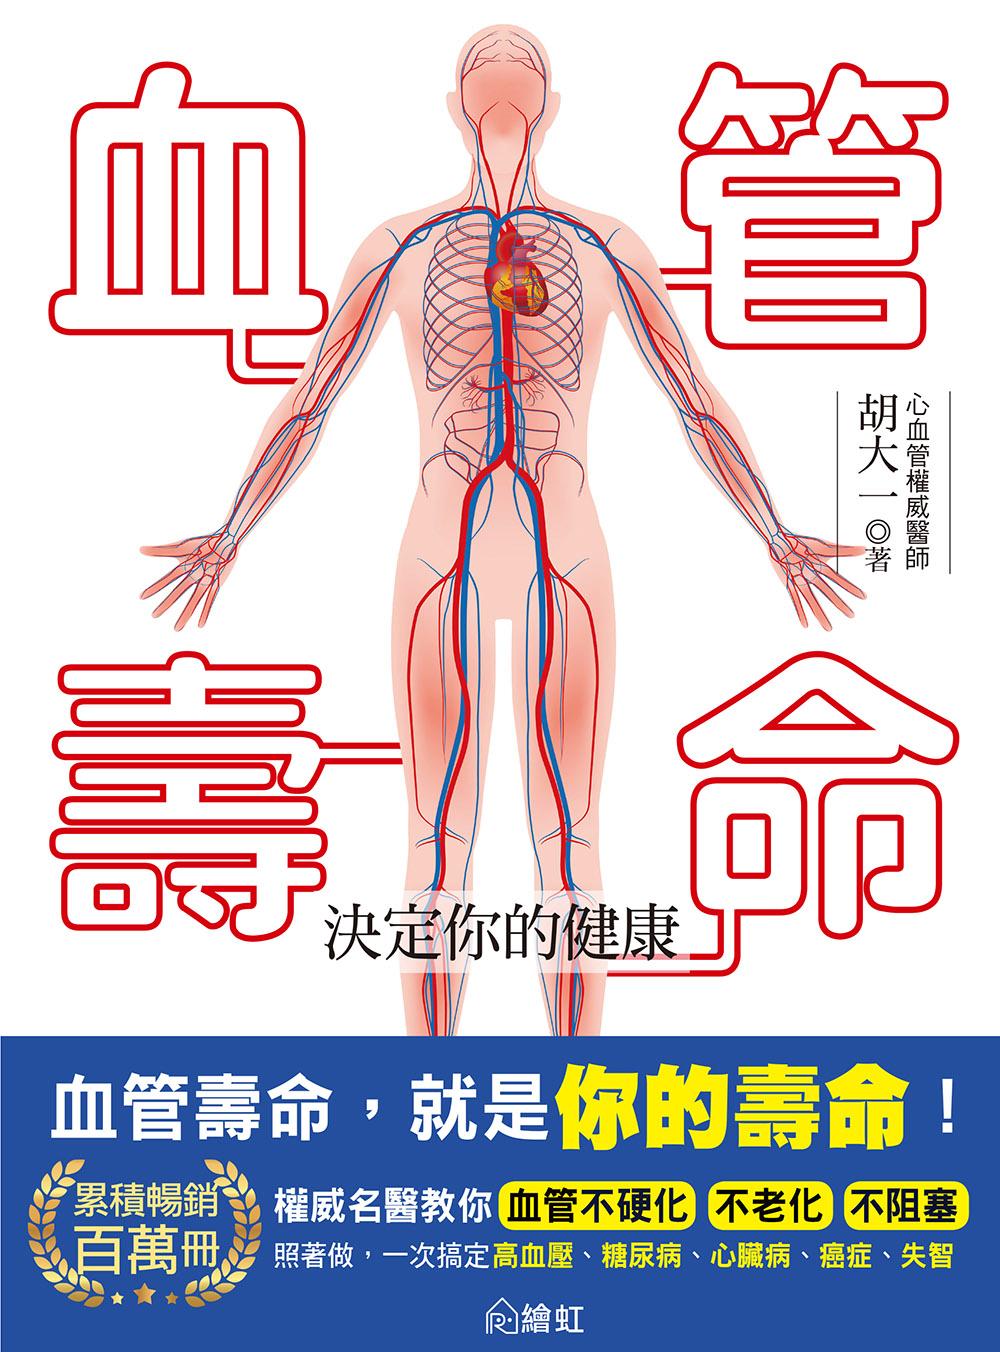 ◤博客來BOOKS◢ 暢銷書榜《推薦》血管壽命決定你的健康:權威名醫教你血管不硬化、不老化、不阻塞,照著做,一次搞定高血壓、糖尿病、心臟病、癌症、失智!